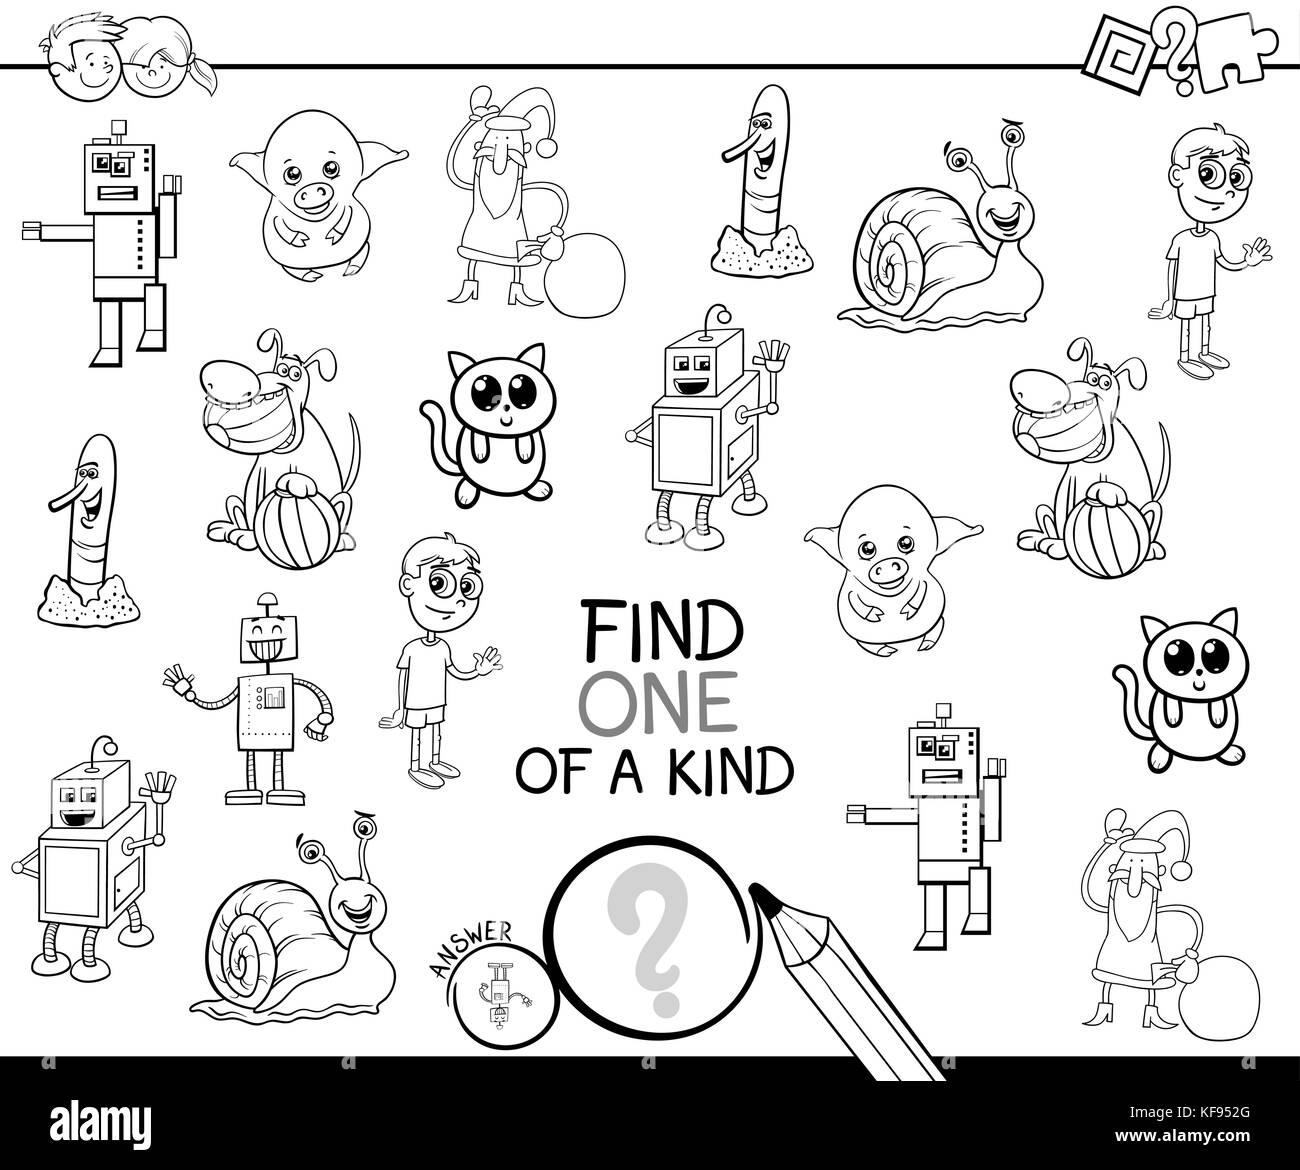 Bianco E Nero Cartoon Illustrazione Di Trovare Un Tipo Di Attività